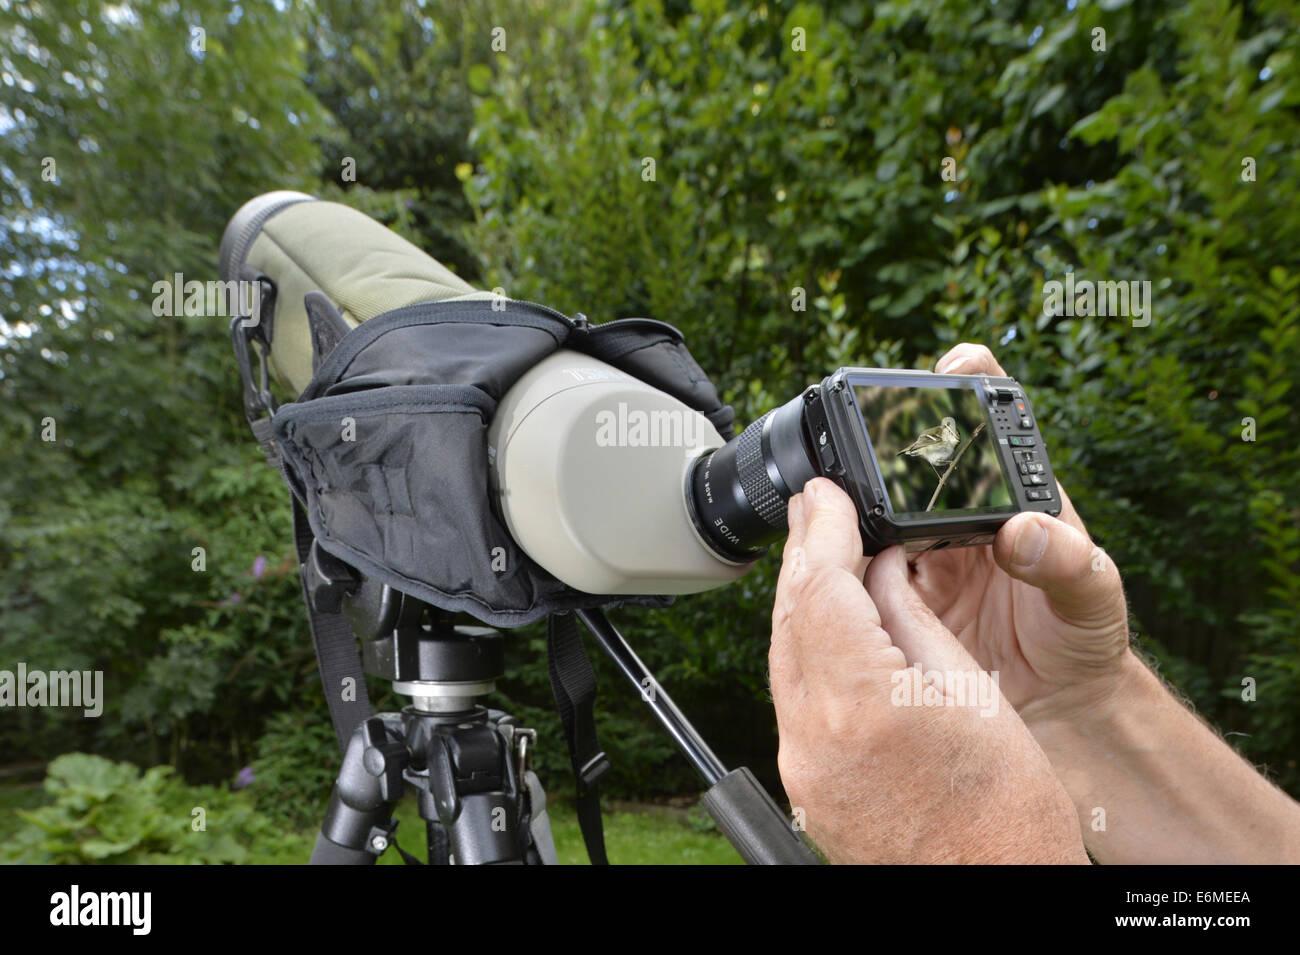 Digiscoping - eine digitale Aufnahme durch ein Vogelkundler Zielfernrohr Stockbild